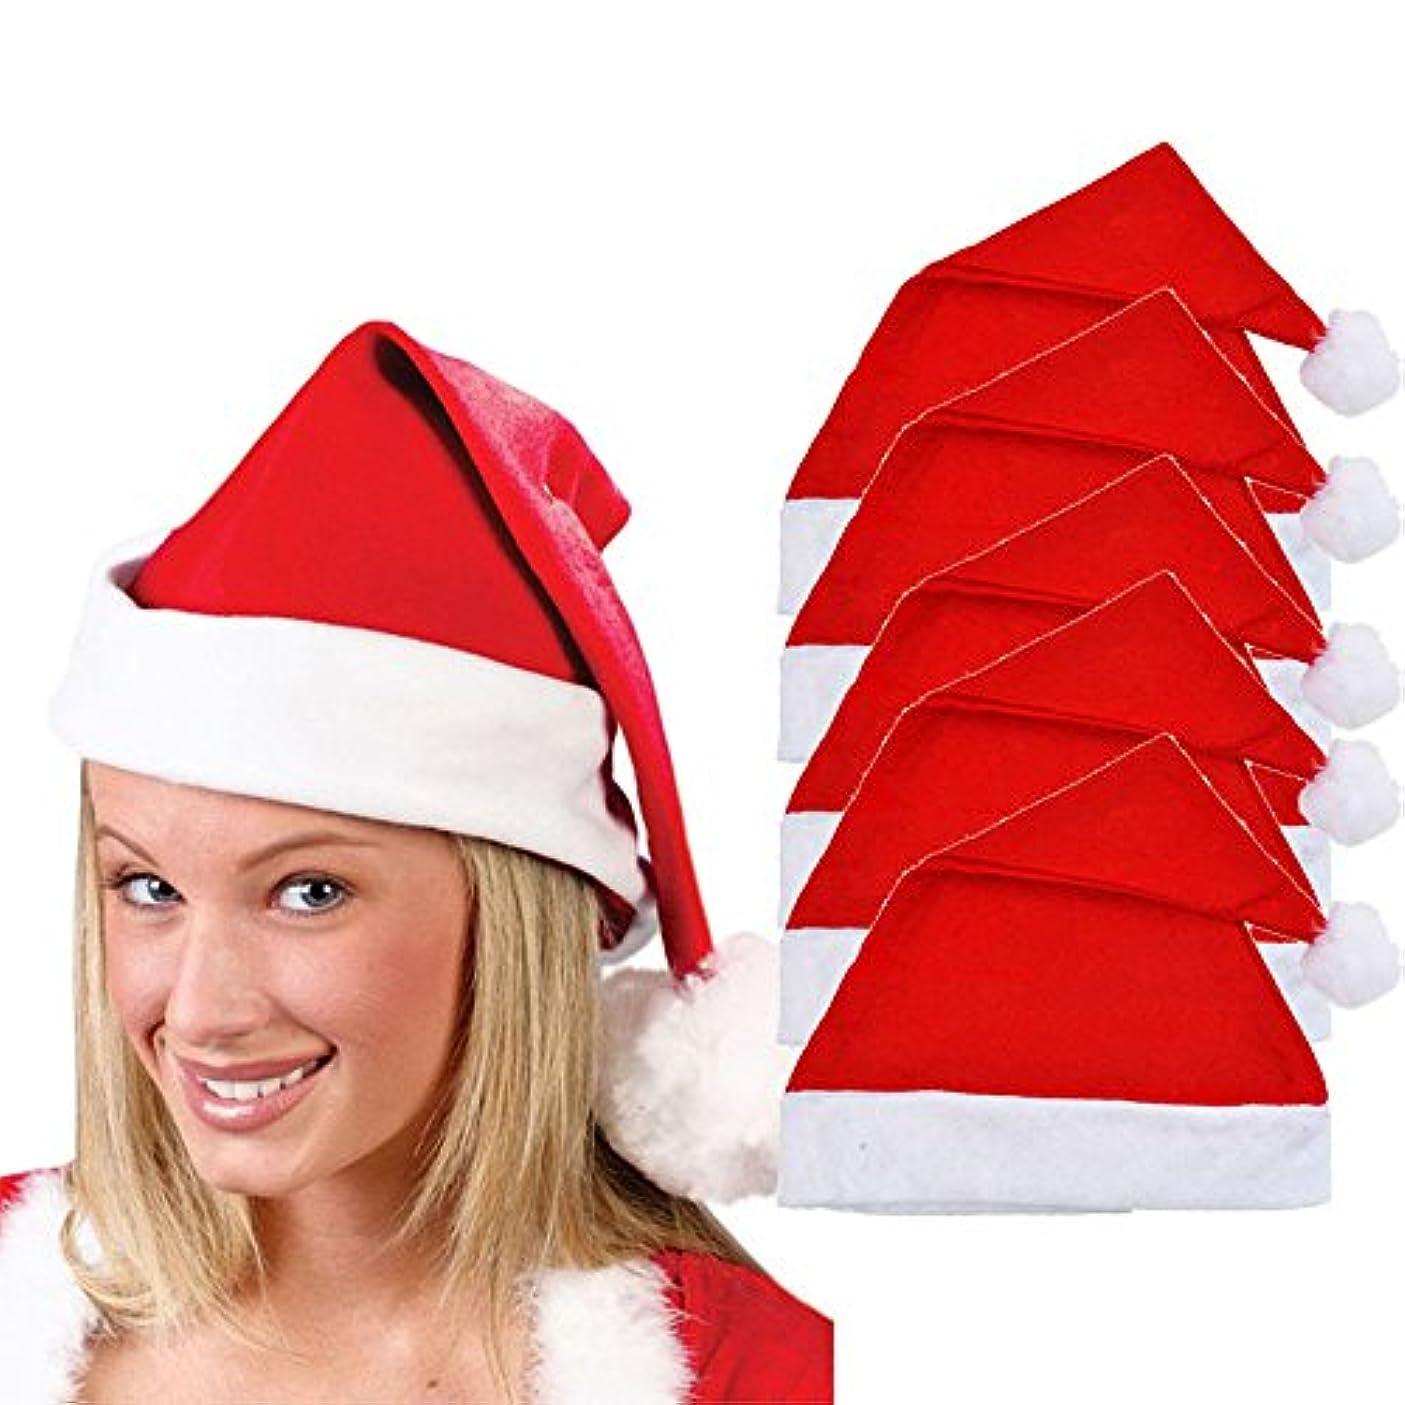 ゆでる倫理的ユニークなRacazing クリスマスハット 5つの レッド Hat ライト ドームキャップ 防寒対策 通気性のある 防風 ニット帽 暖かい 軽量 屋外 スキー 自転車 クリスマス 男女兼用 Christmas Cap